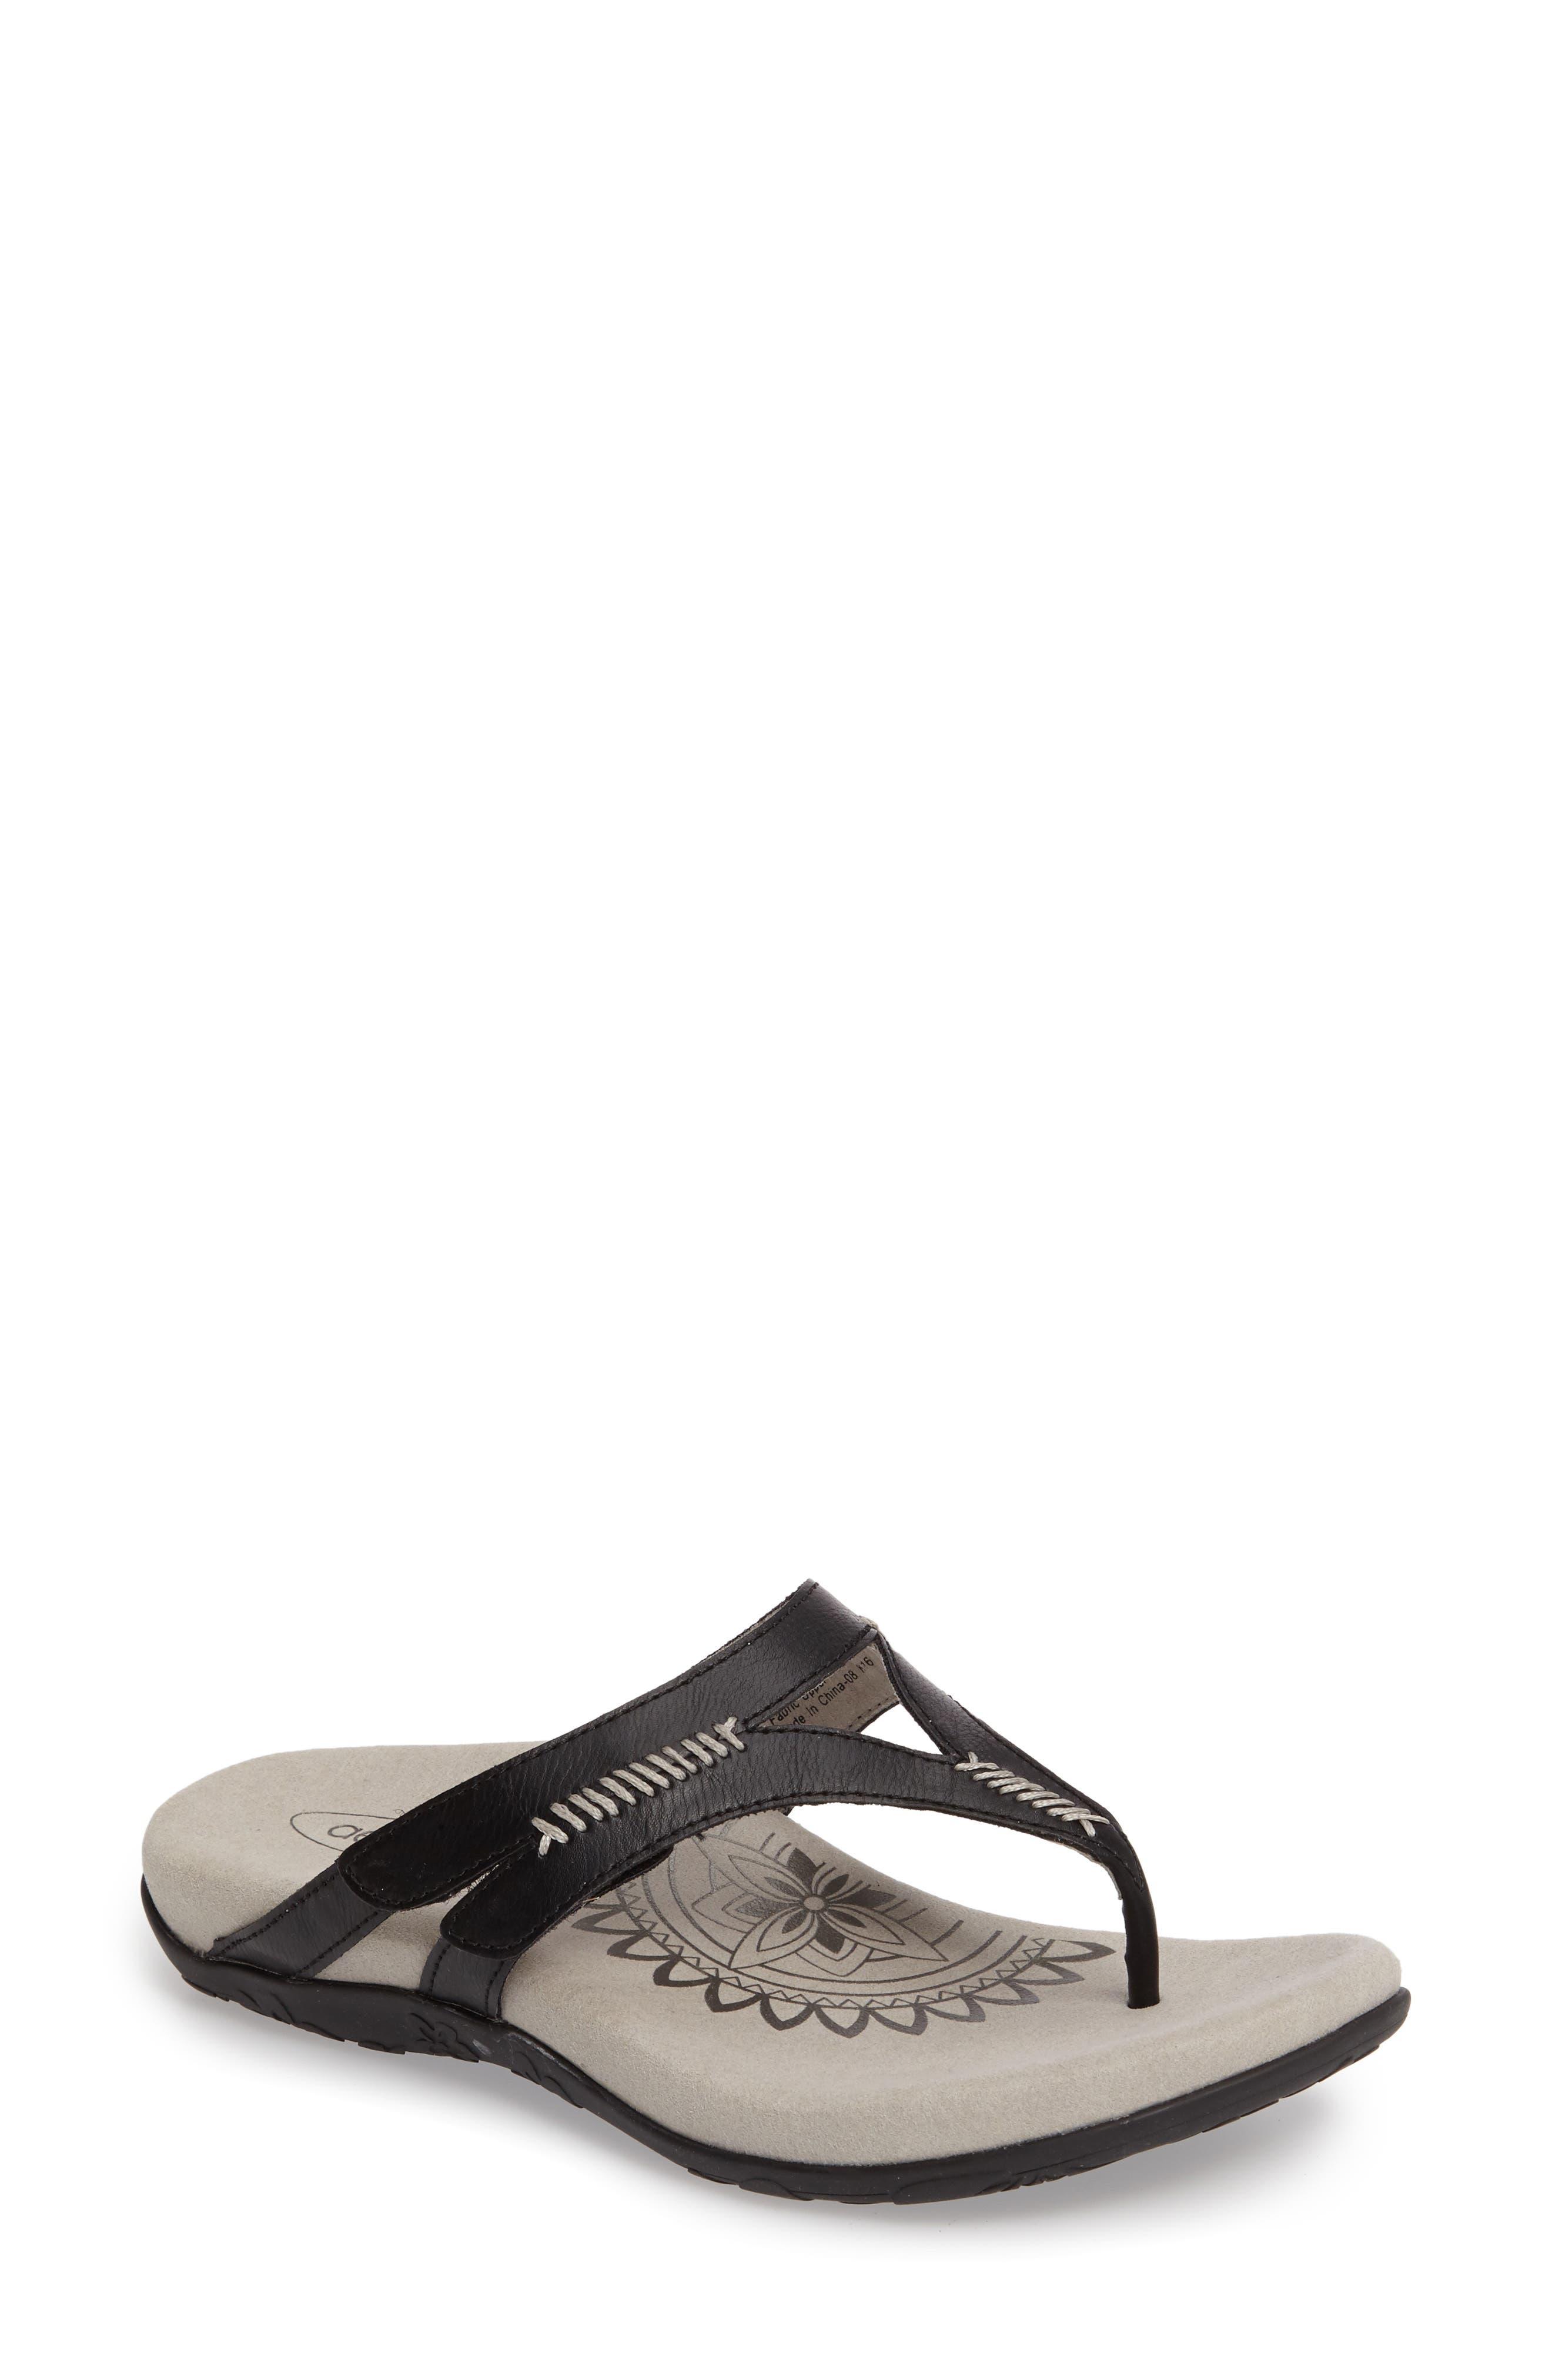 Celia Flip Flop,                             Main thumbnail 1, color,                             Black Leather